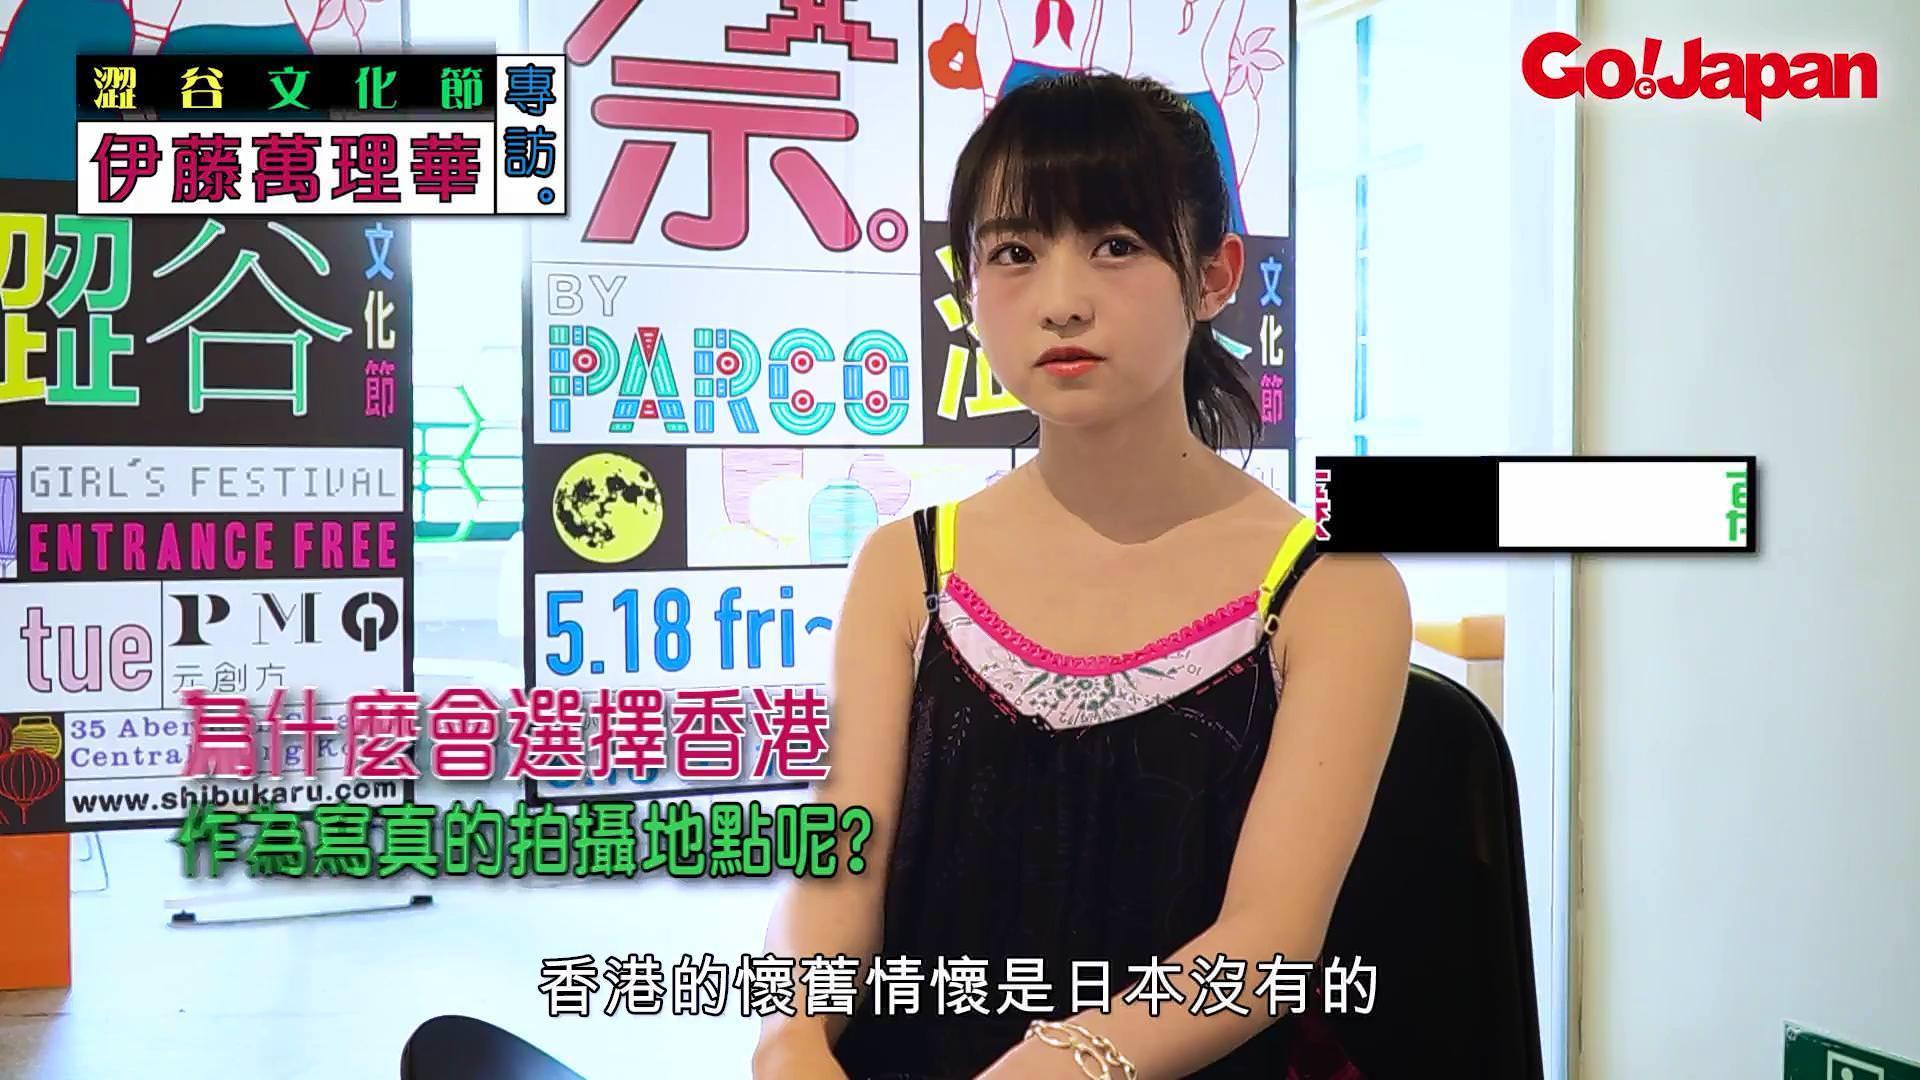 【日本藝人專訪】前乃木坂46 成員伊藤萬理華專訪